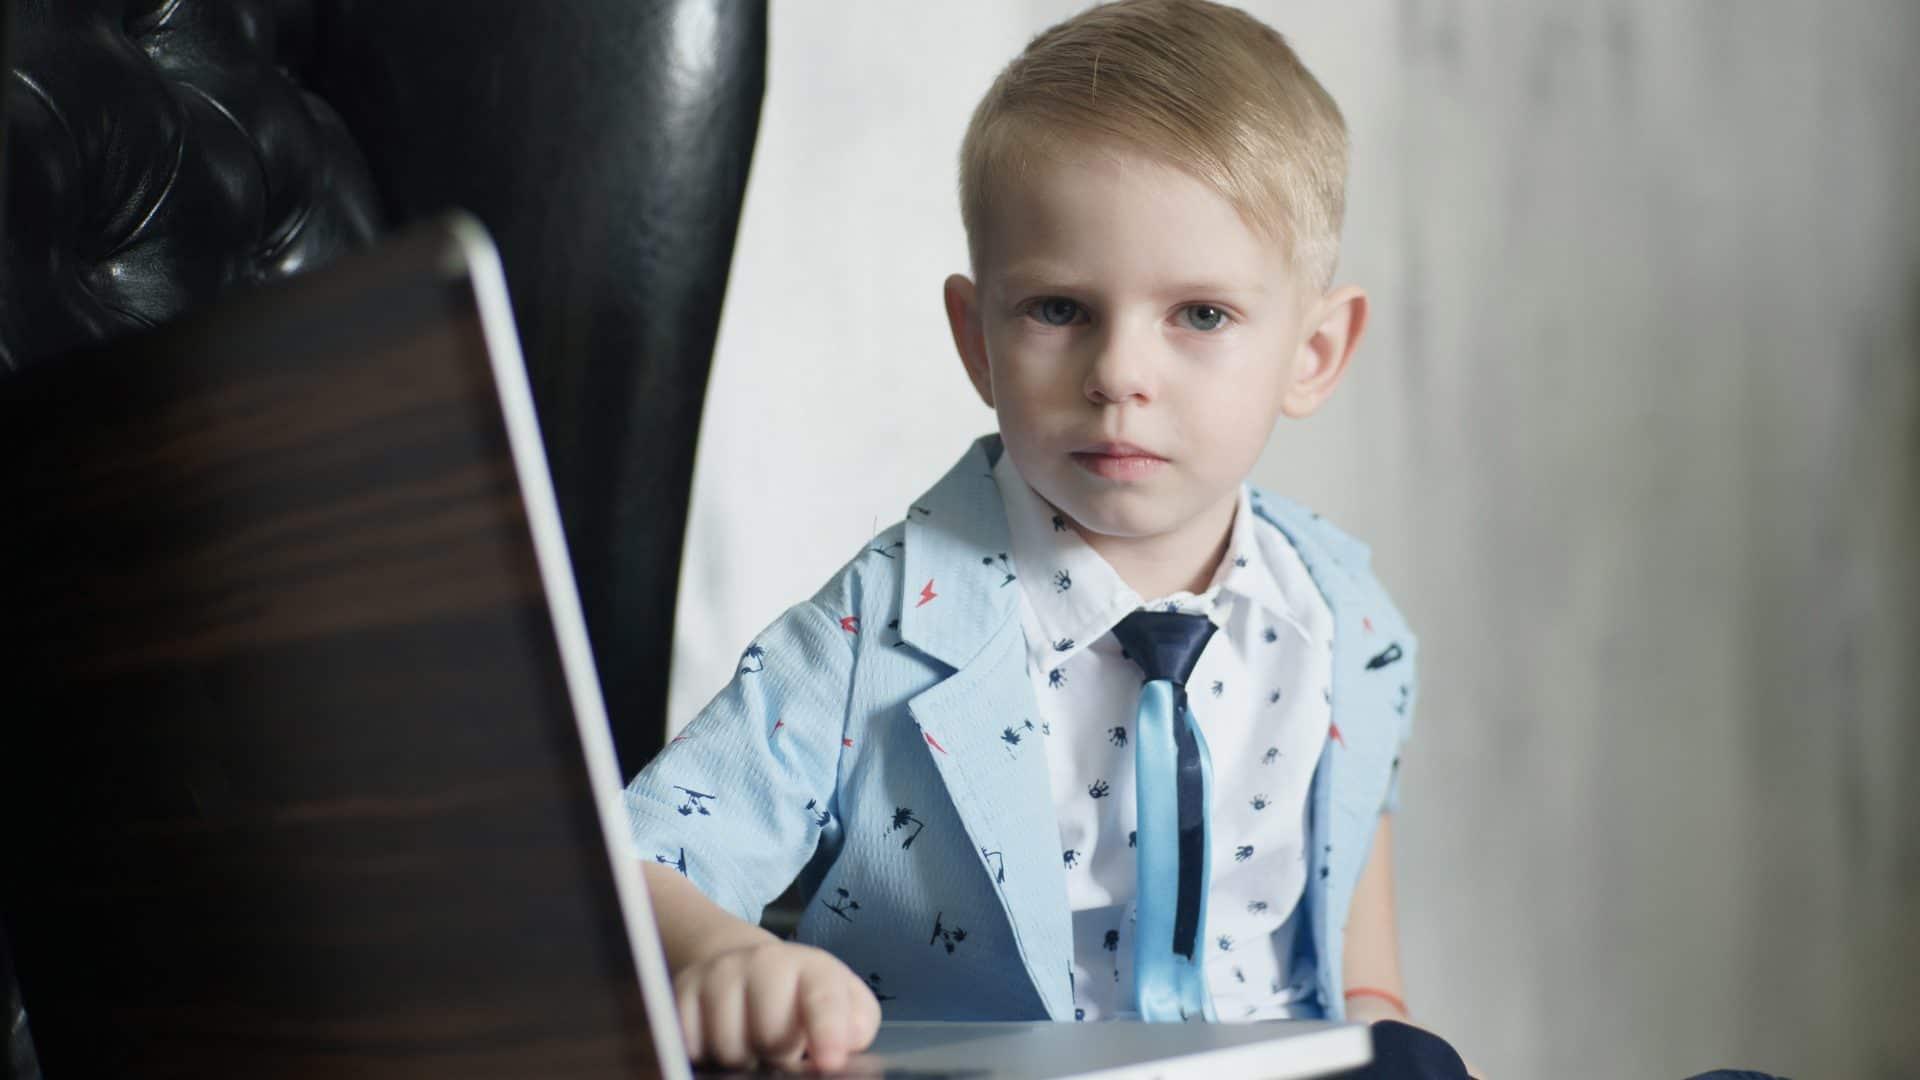 Coleta ilegal de dados de crianças